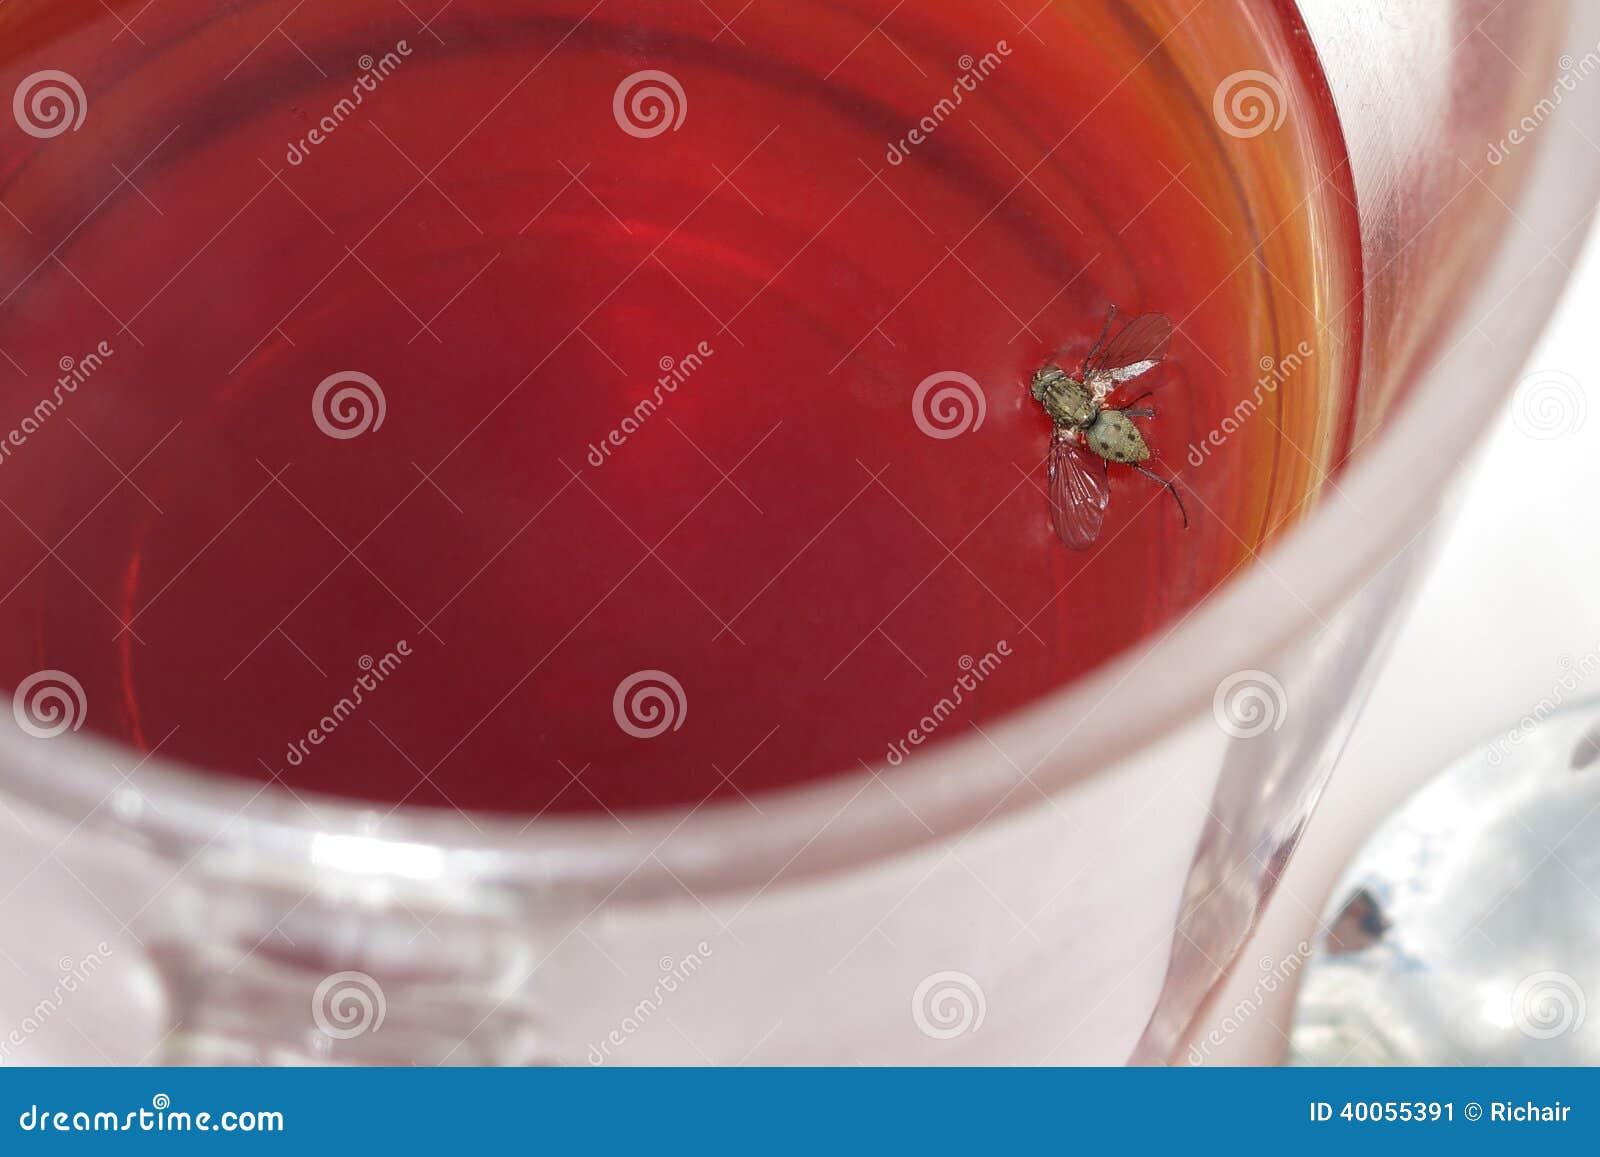 Mosca en bebida